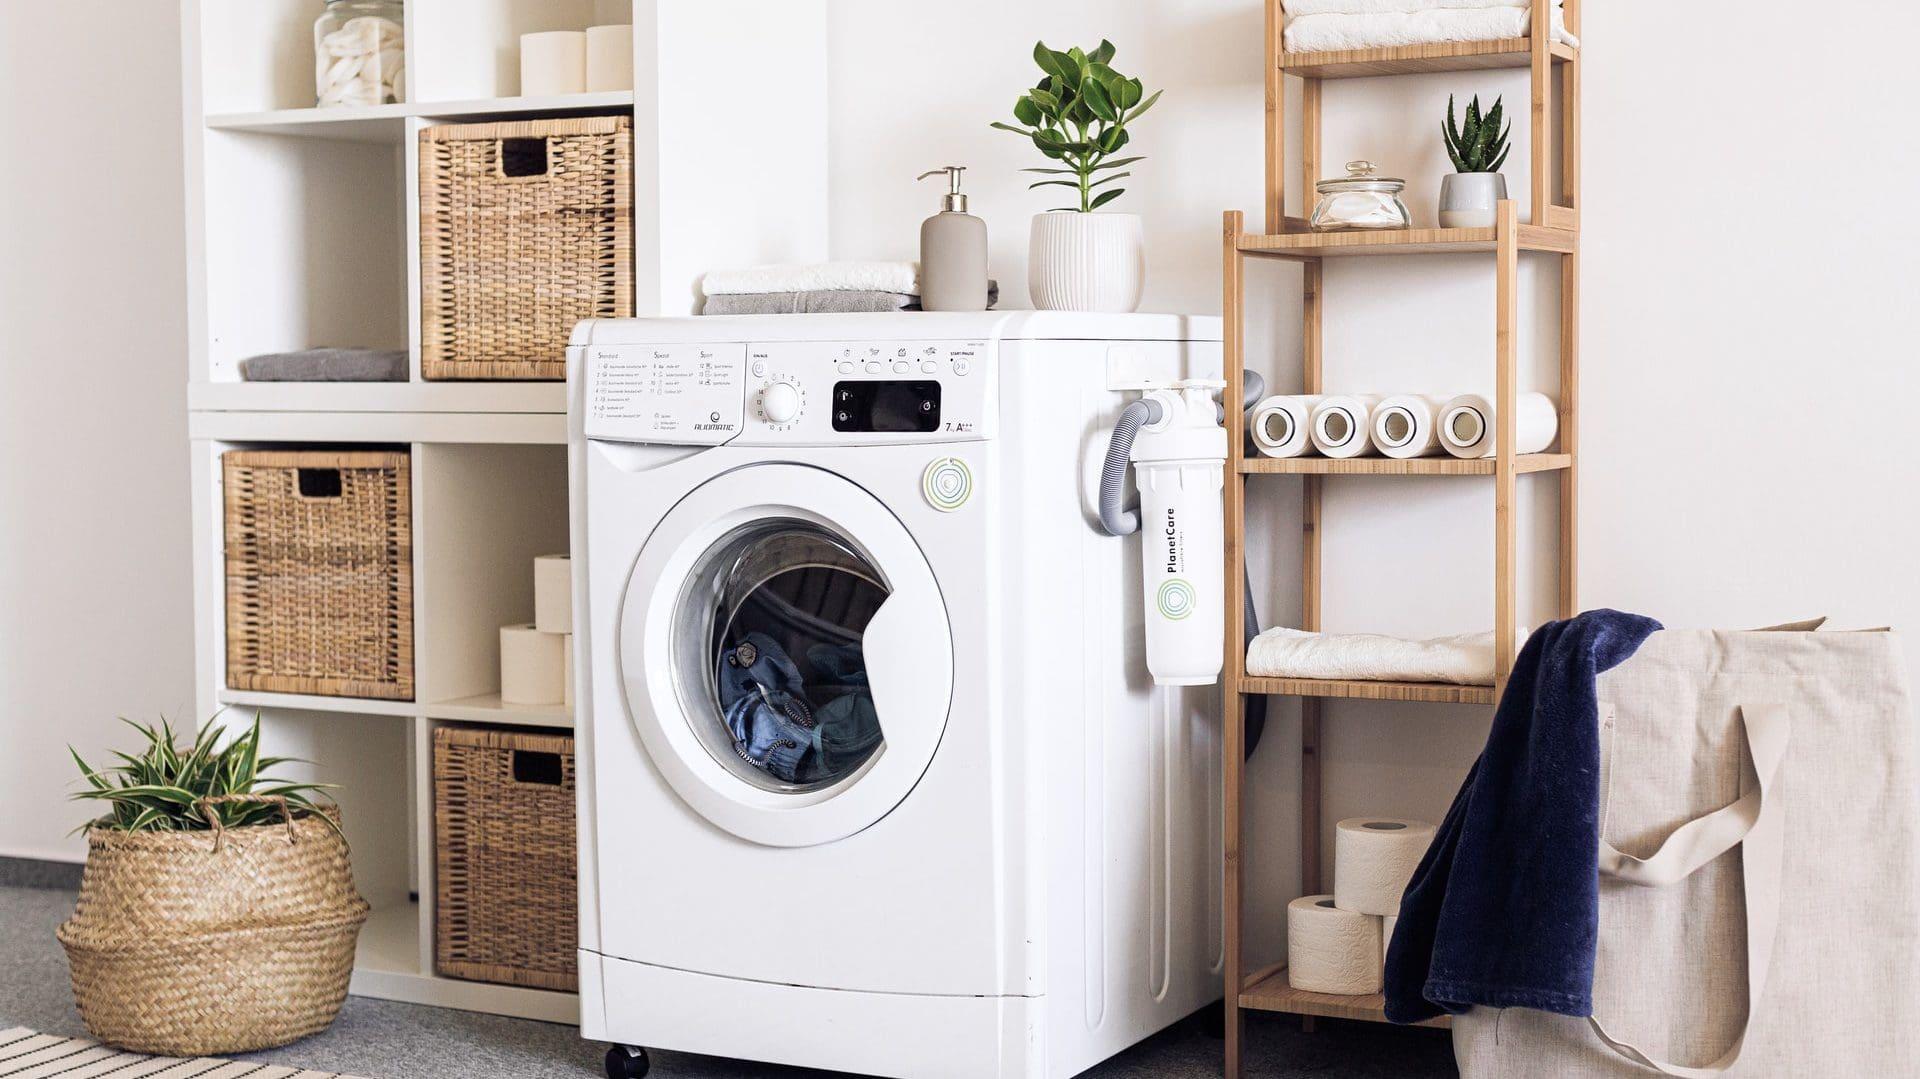 Wasmachine in badkamer met kastjes ernaast, vooraanzicht